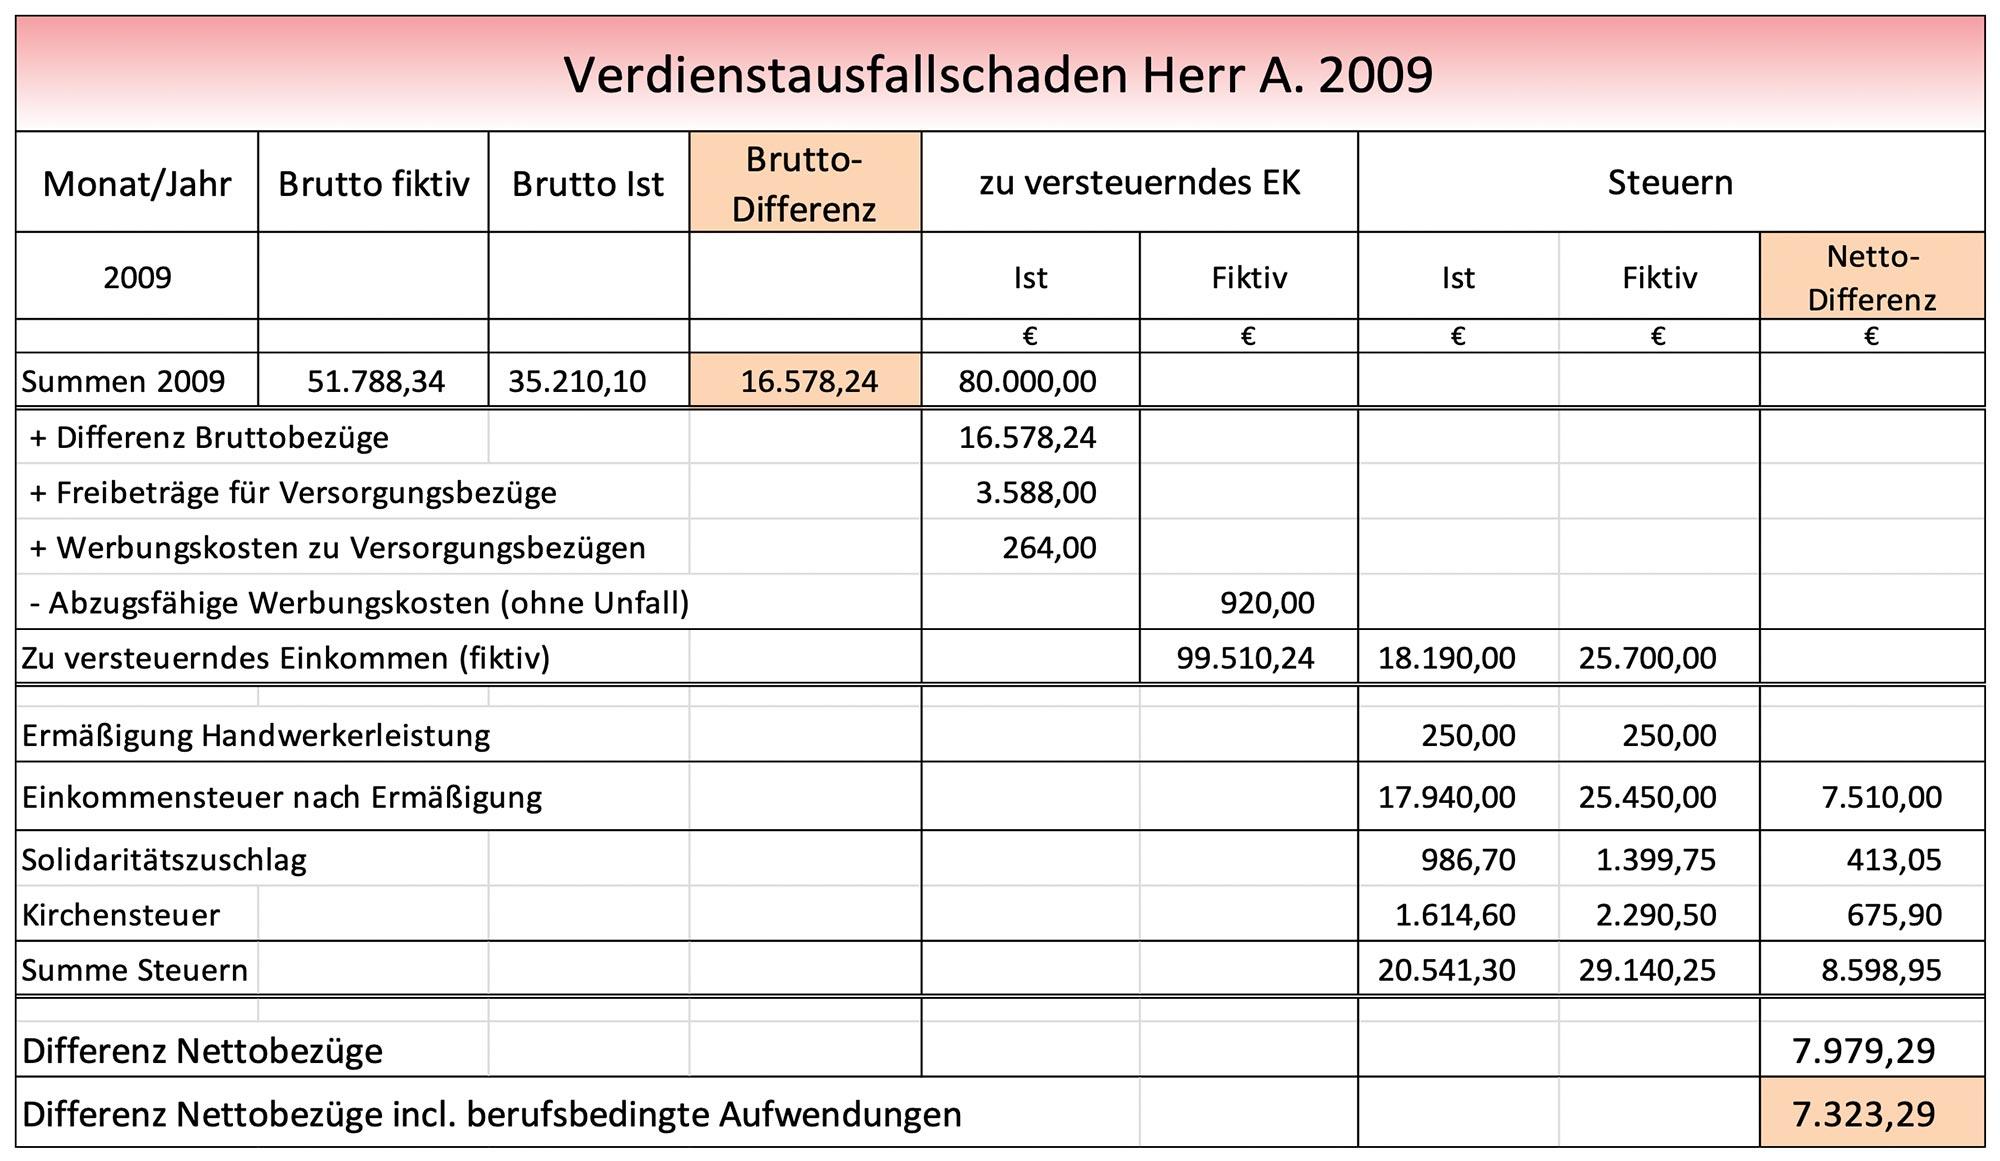 Berechnungen des Verdienstausfalls eines Beamten für das Jahr 2009